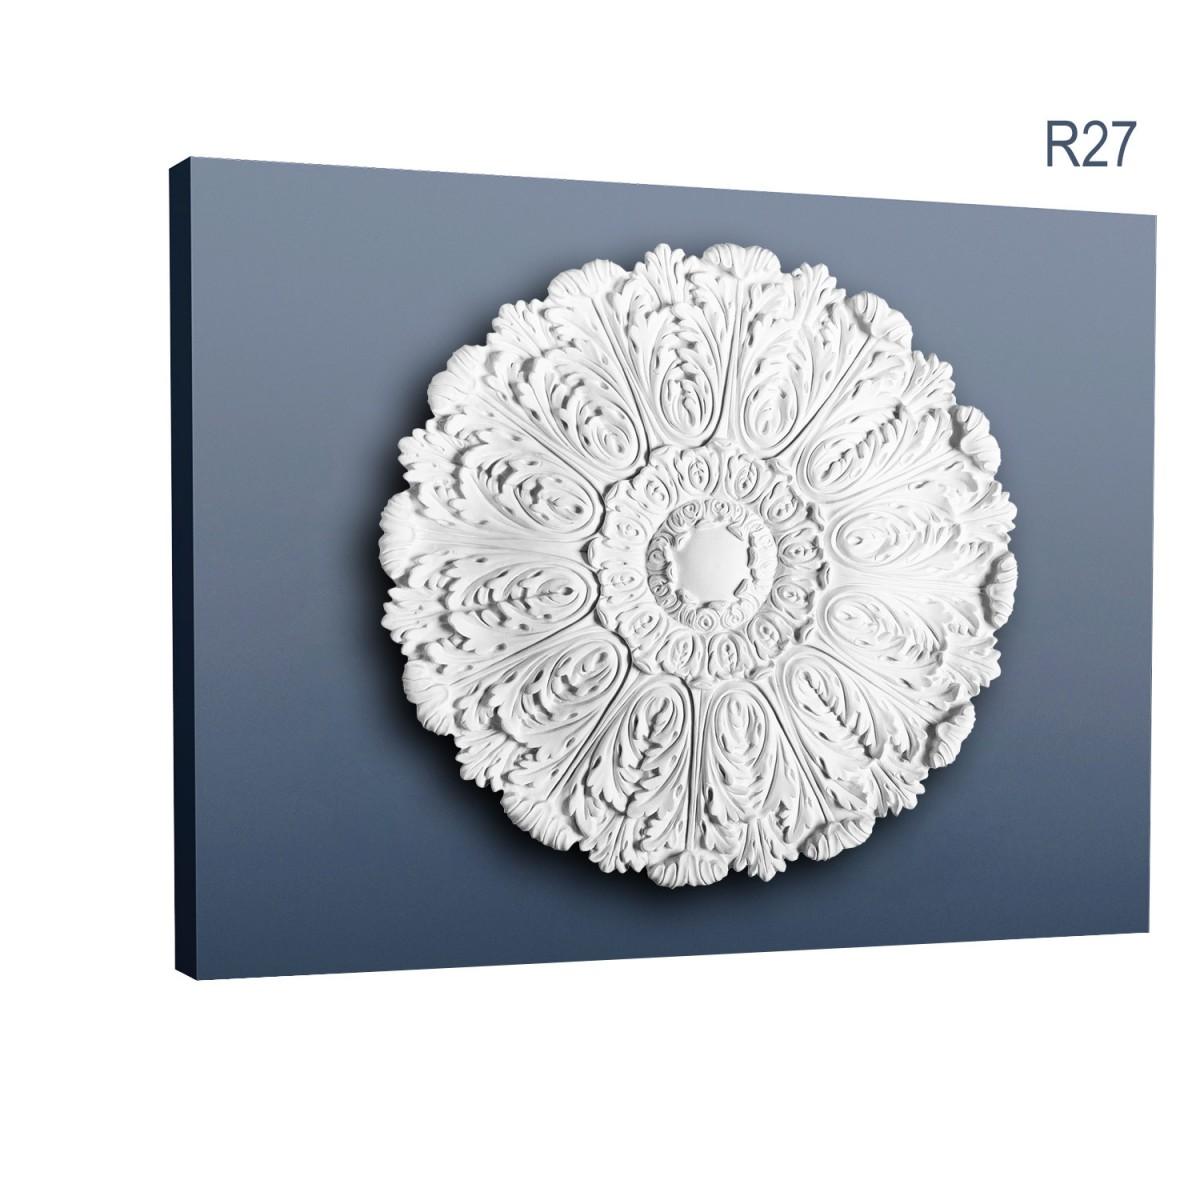 Rozeta Luxxus R27, Dimensiuni: diam. 75 cm (H: 4,5 cm), Orac Decor